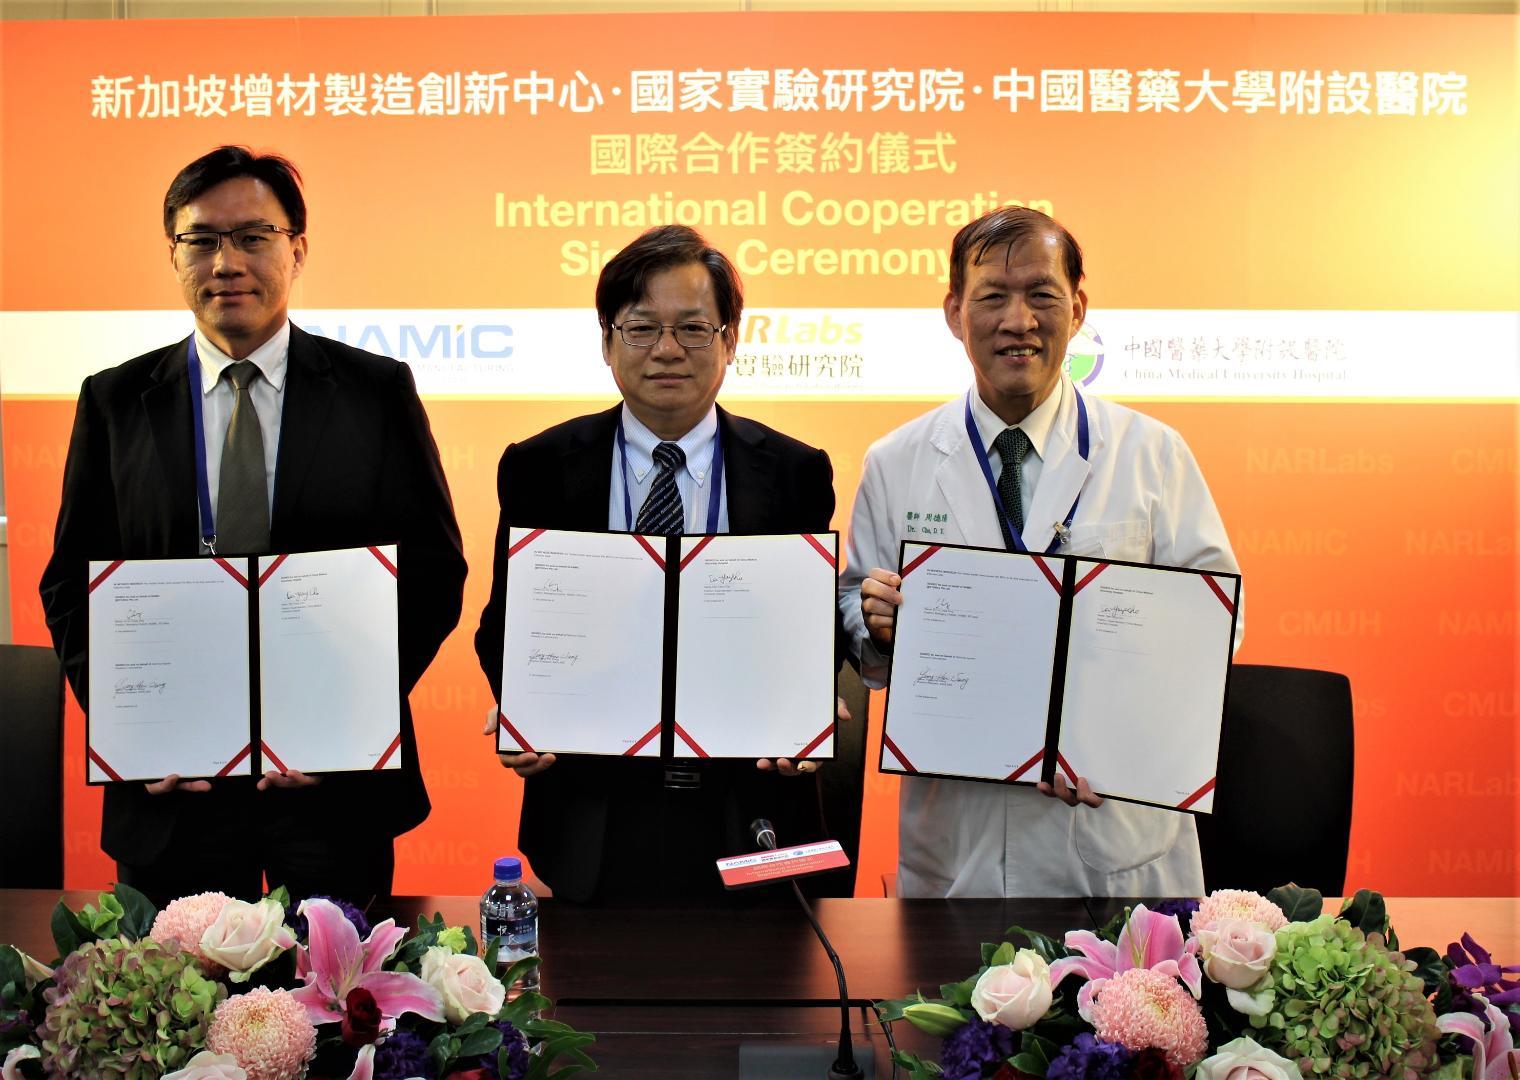 (左起)NAMIC Managing Director Ho Chaw Sing、國研院王永和院長、中國醫藥大學附設醫院周德陽院長(圖片提供/國研院)